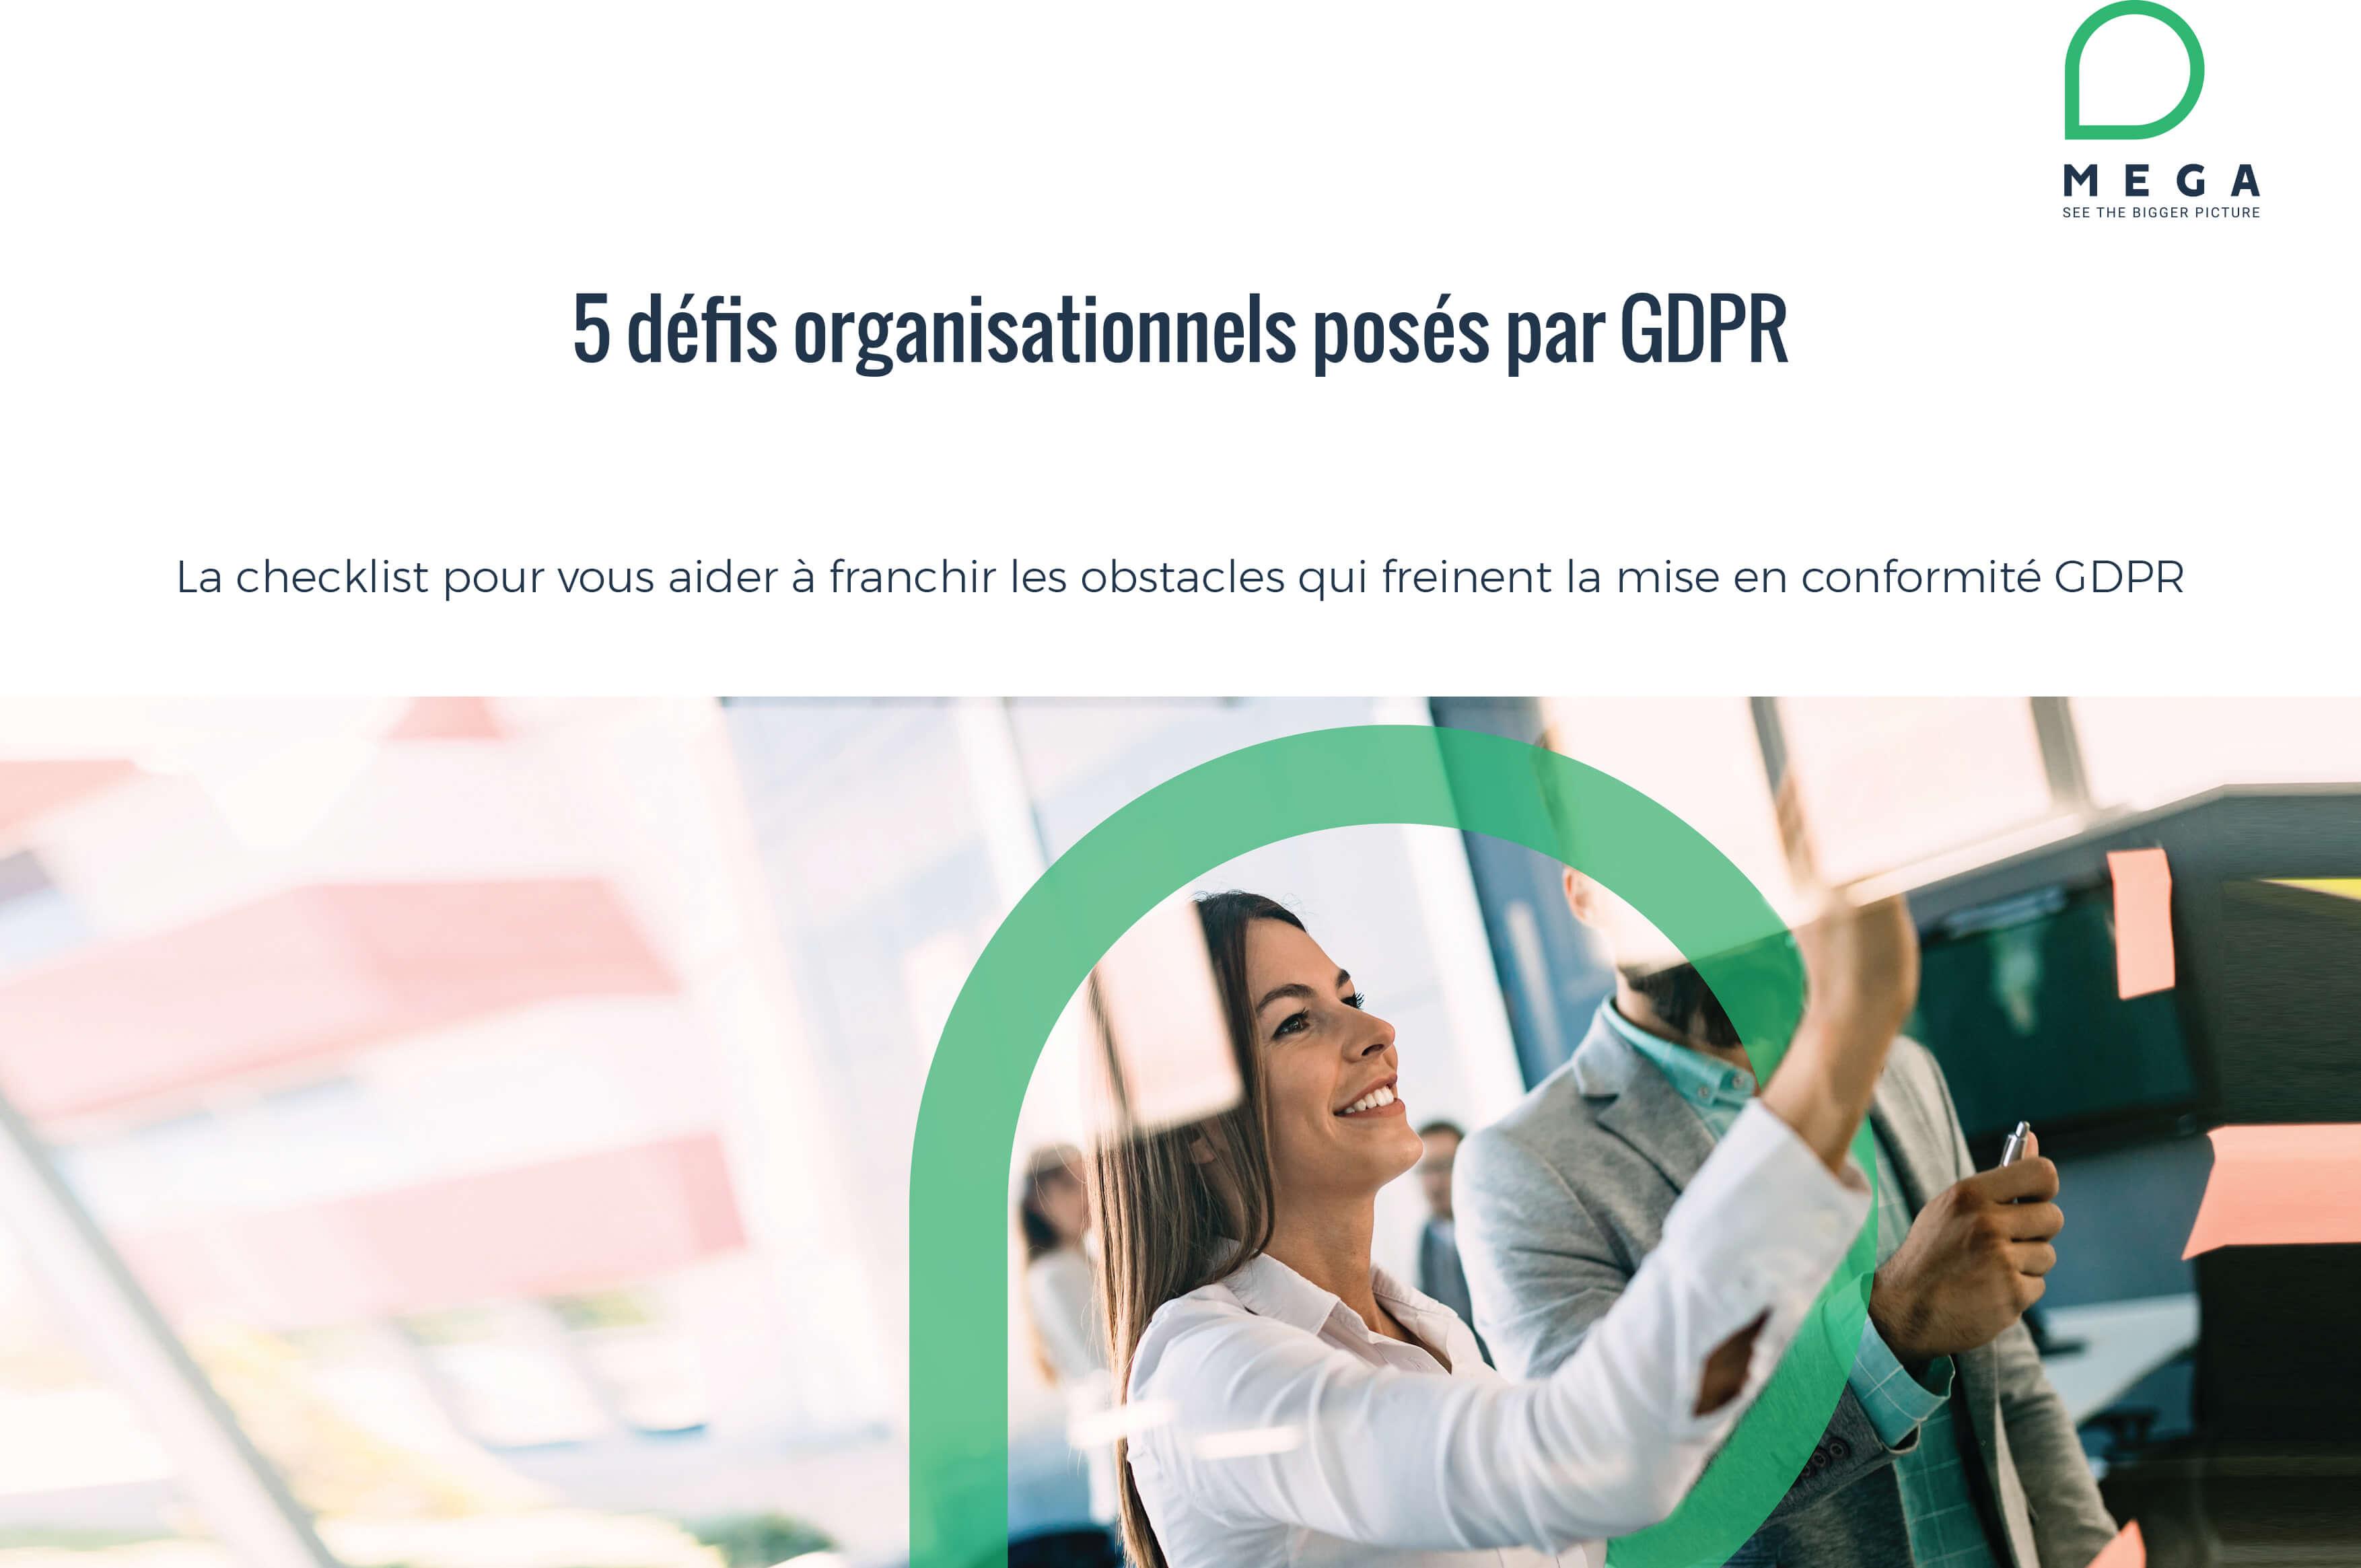 5 défis organisationnels posés par GDPR